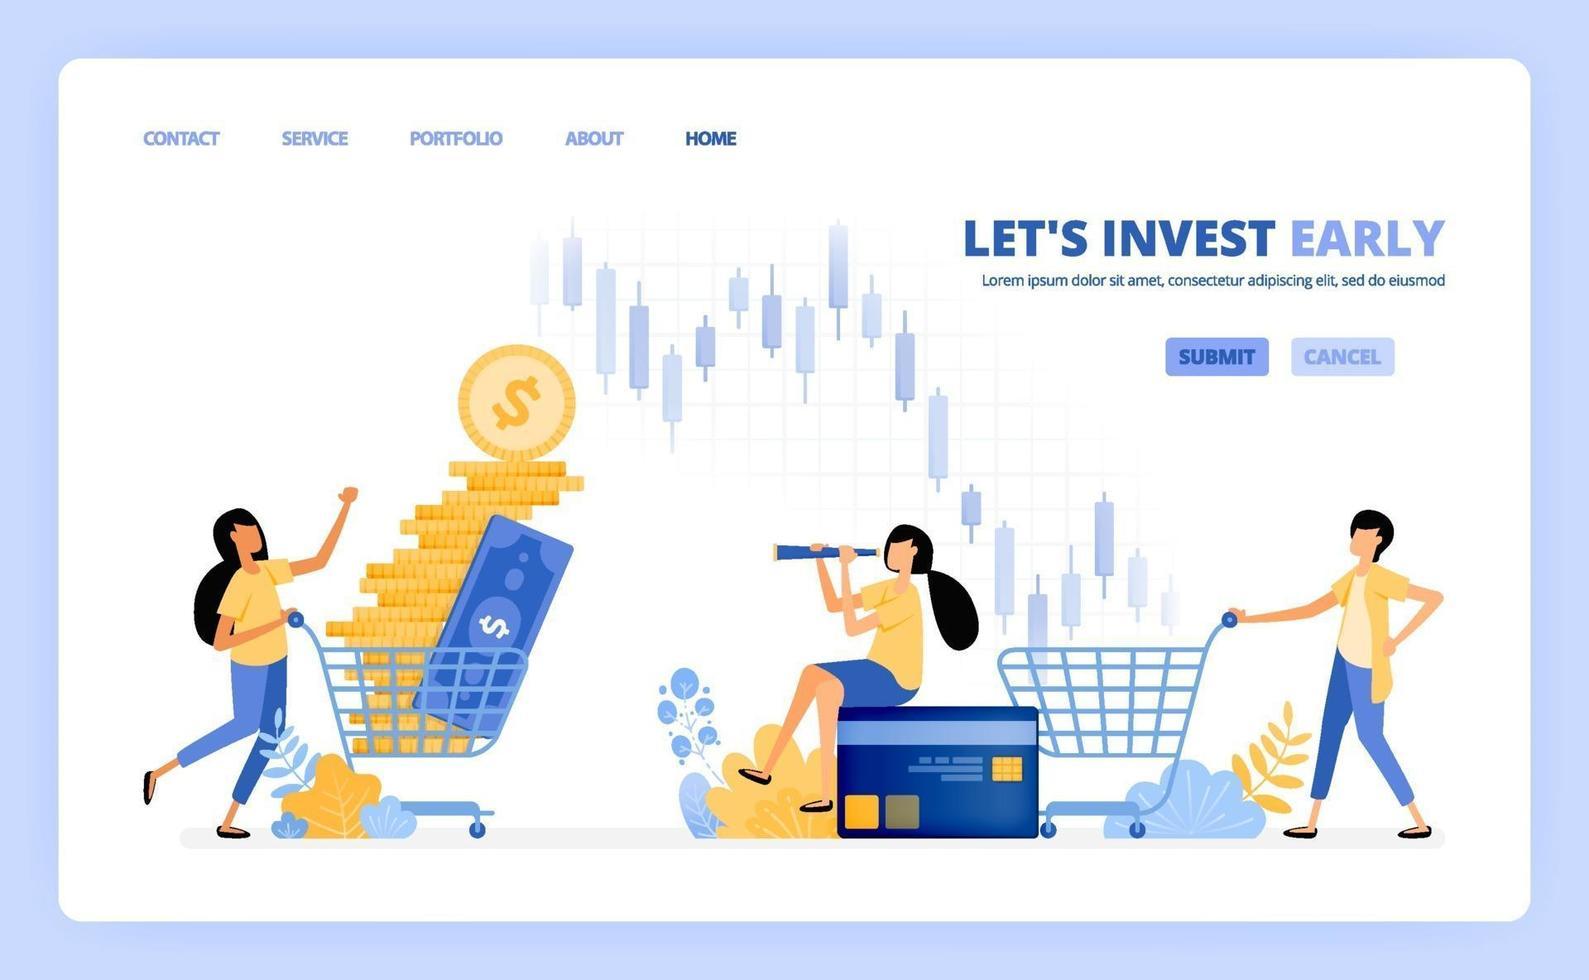 le persone acquistano strumenti di investimento nei mercati monetari, borse valori, fondi comuni di investimento. il concetto di illustrazione vettoriale può essere utilizzato per pagina di destinazione, modello, interfaccia utente, web, app mobile, poster pubblicitari, banner, sito web